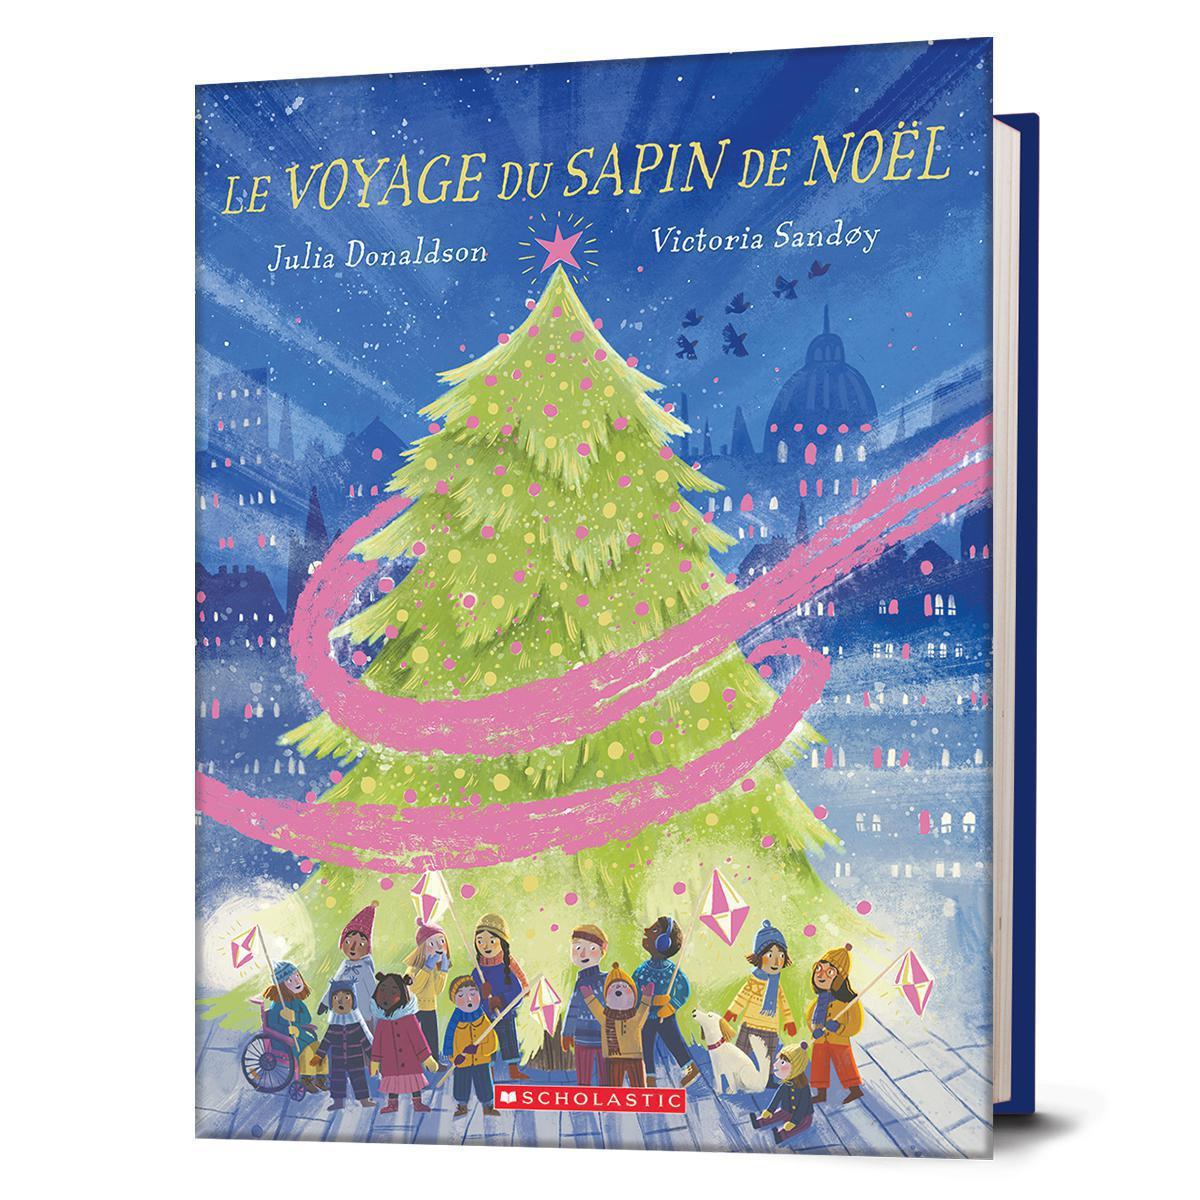 Le voyage du sapin de Noël